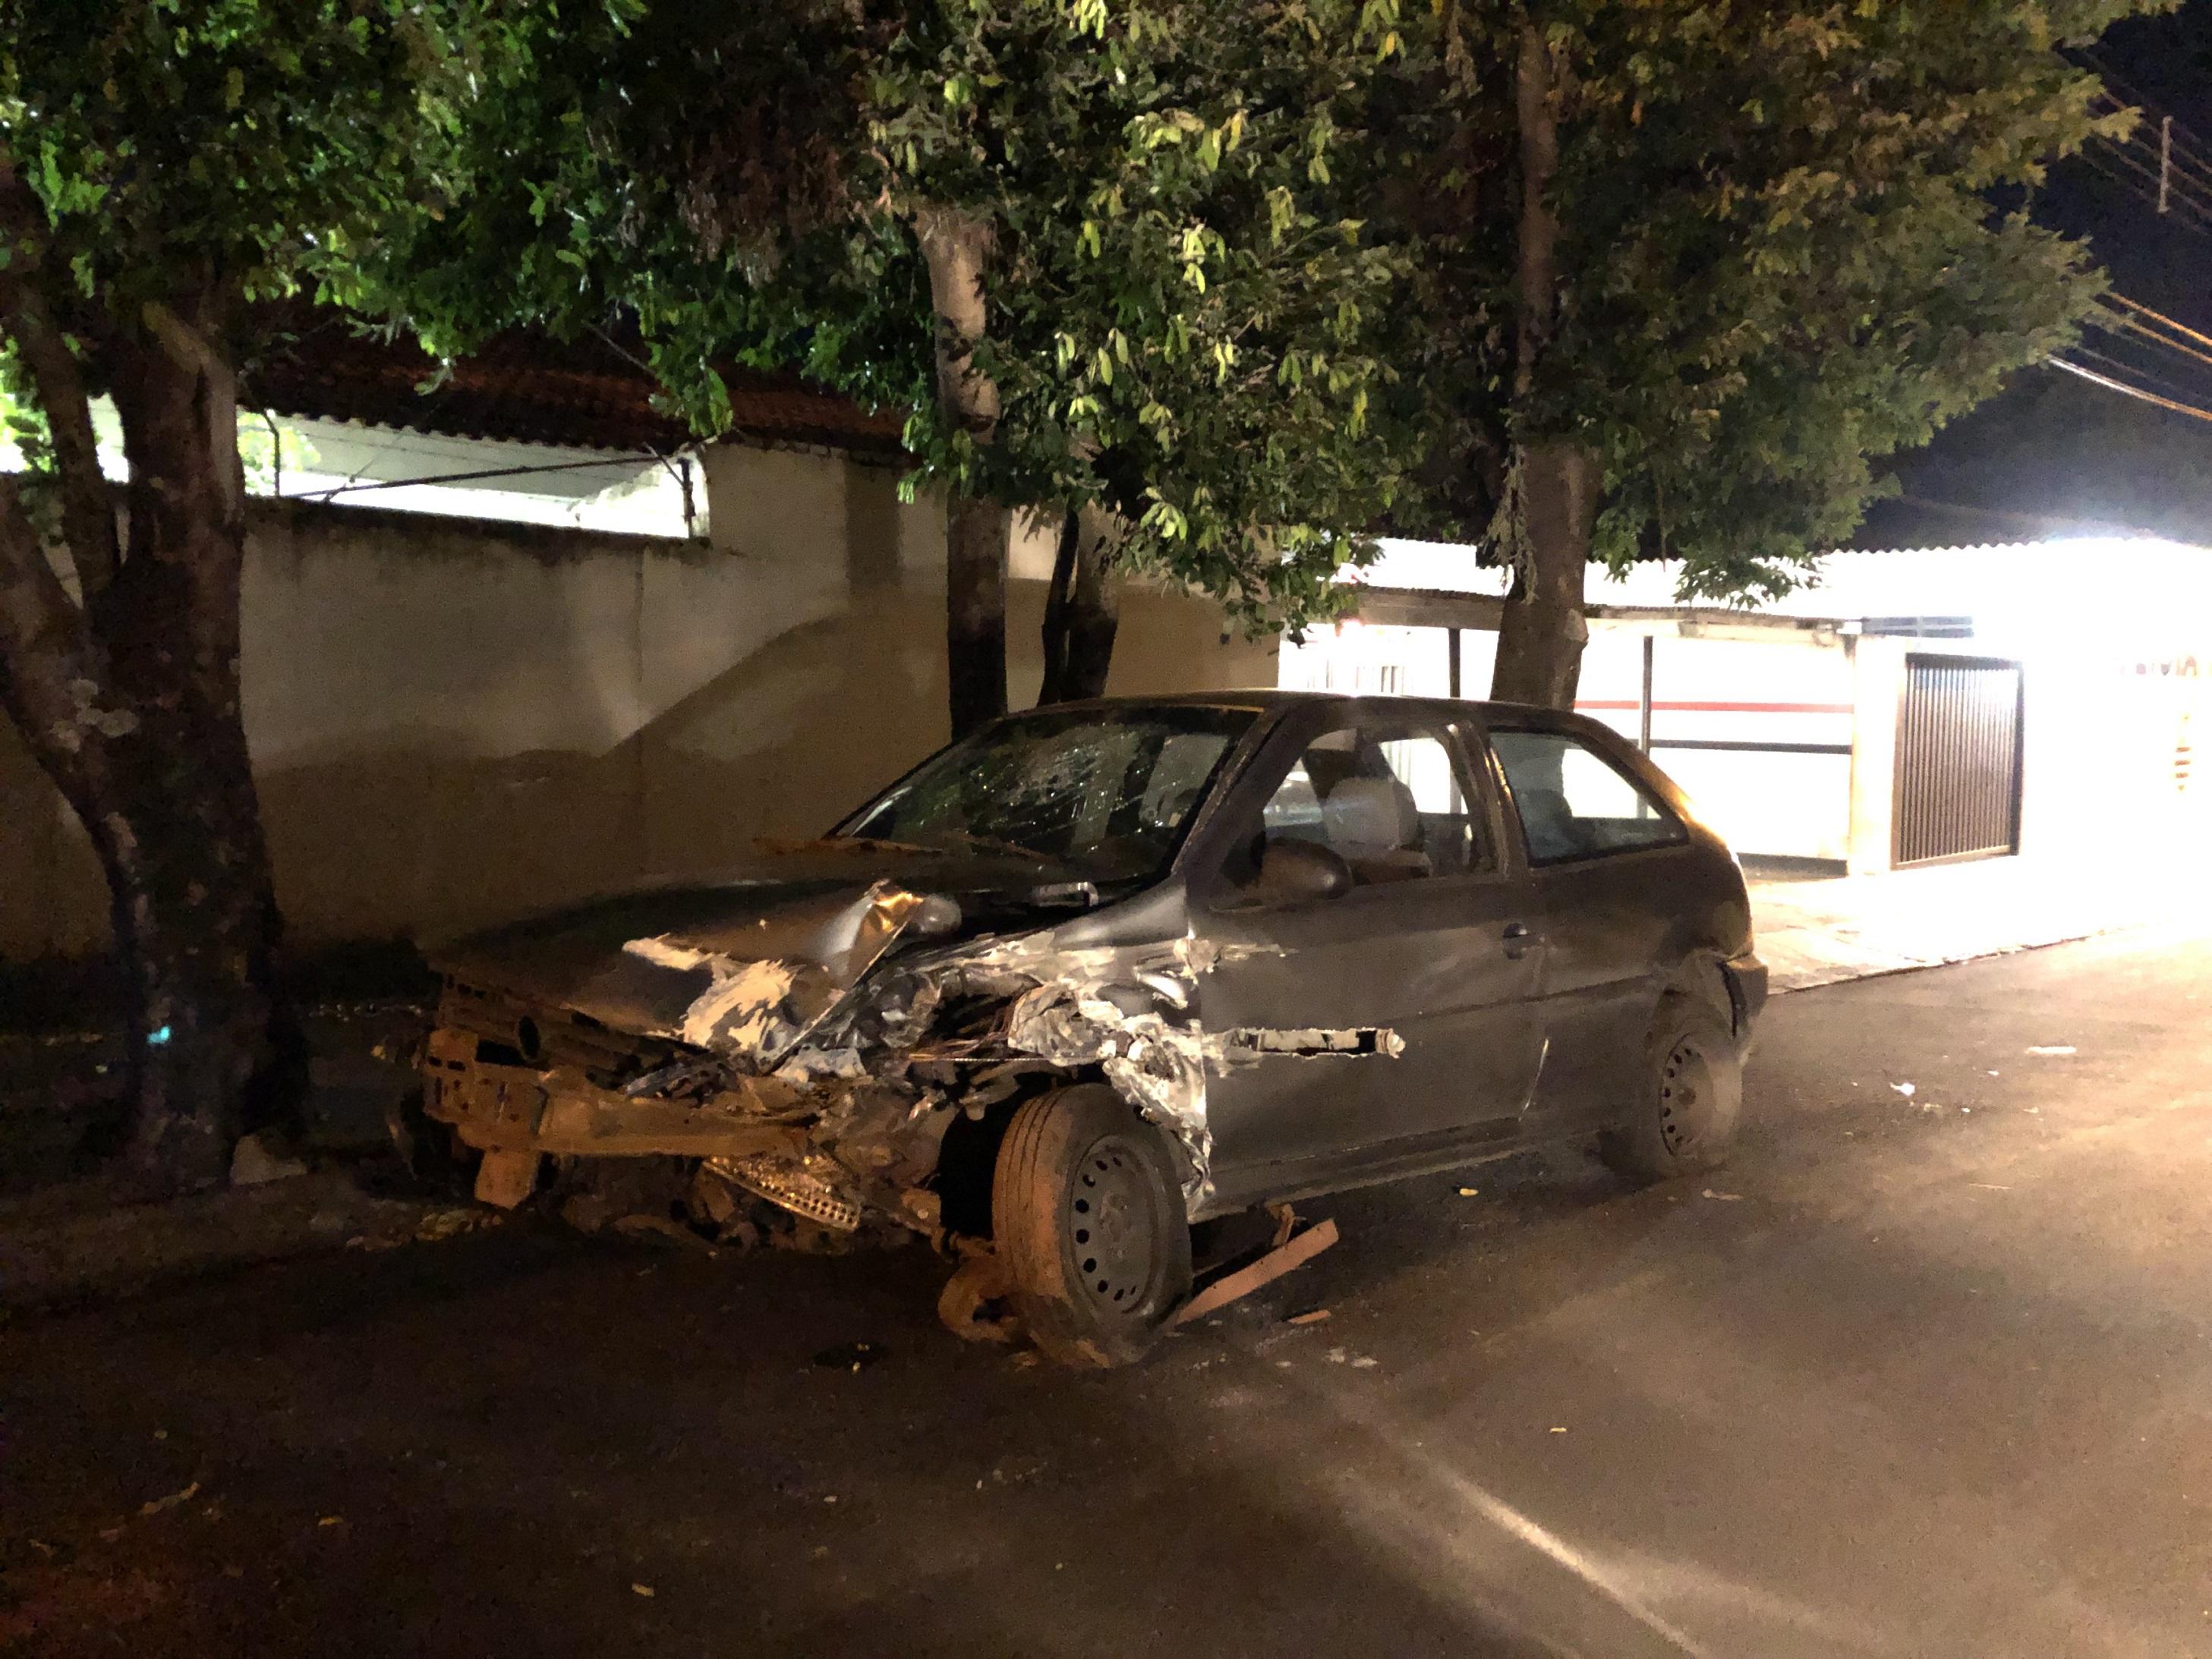 Homens que estariam em 'saidinha' temporária roubam carro e são presos em Mirandópolis